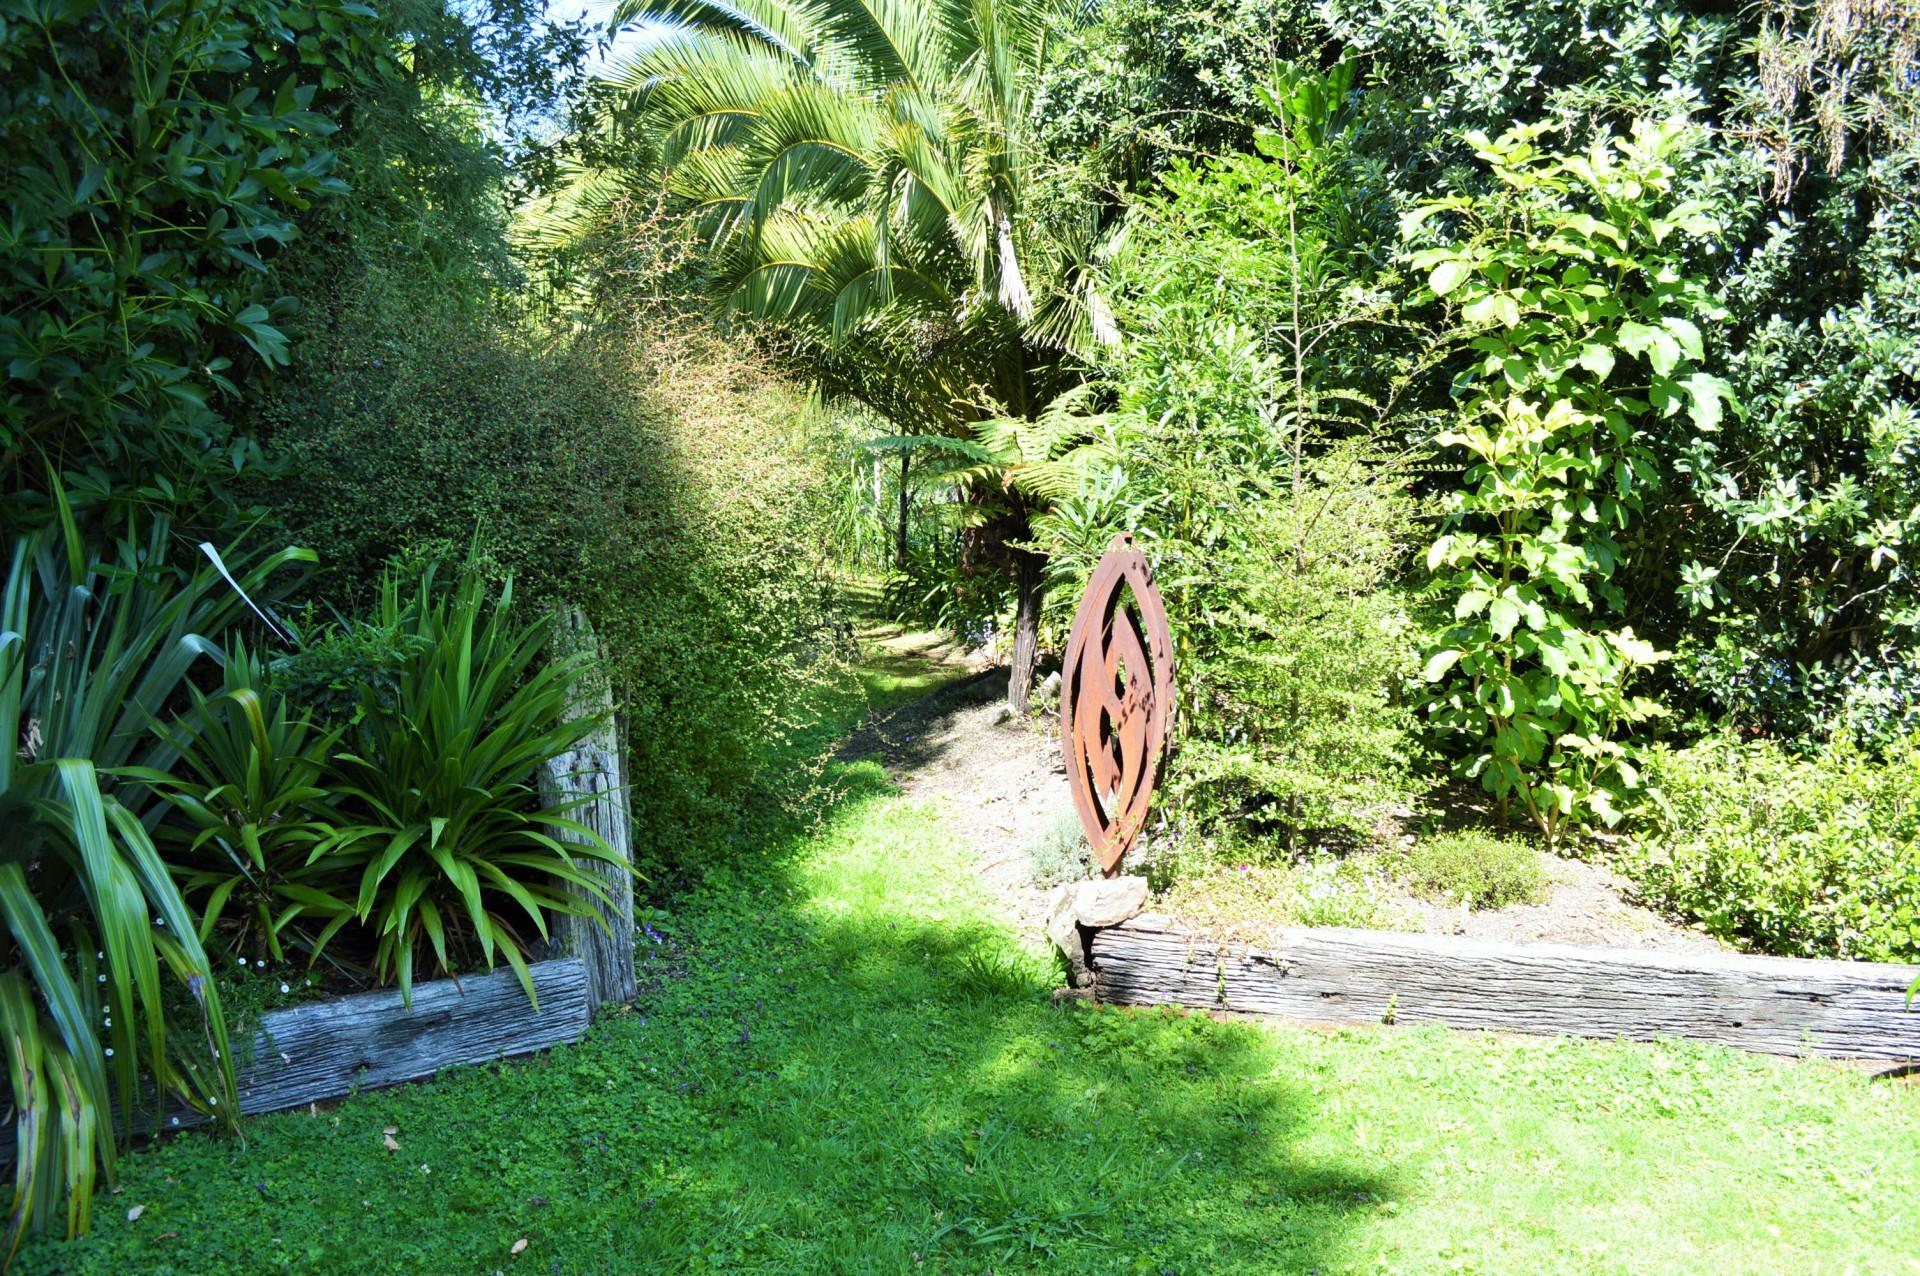 native nz garden art